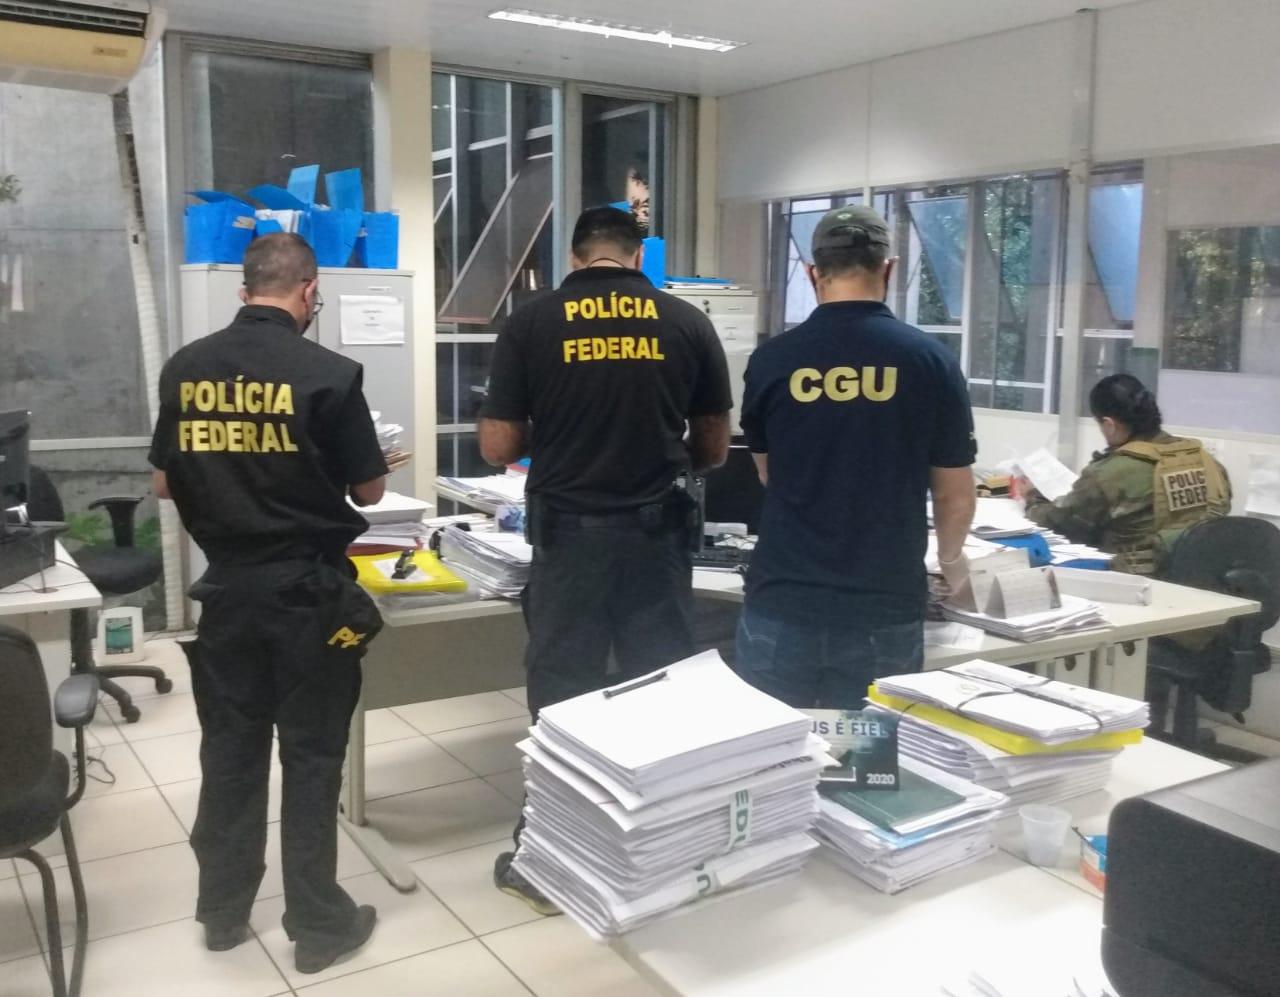 3° fase da operação da PF no prédio da Seduc- Foto: Reprodução PF